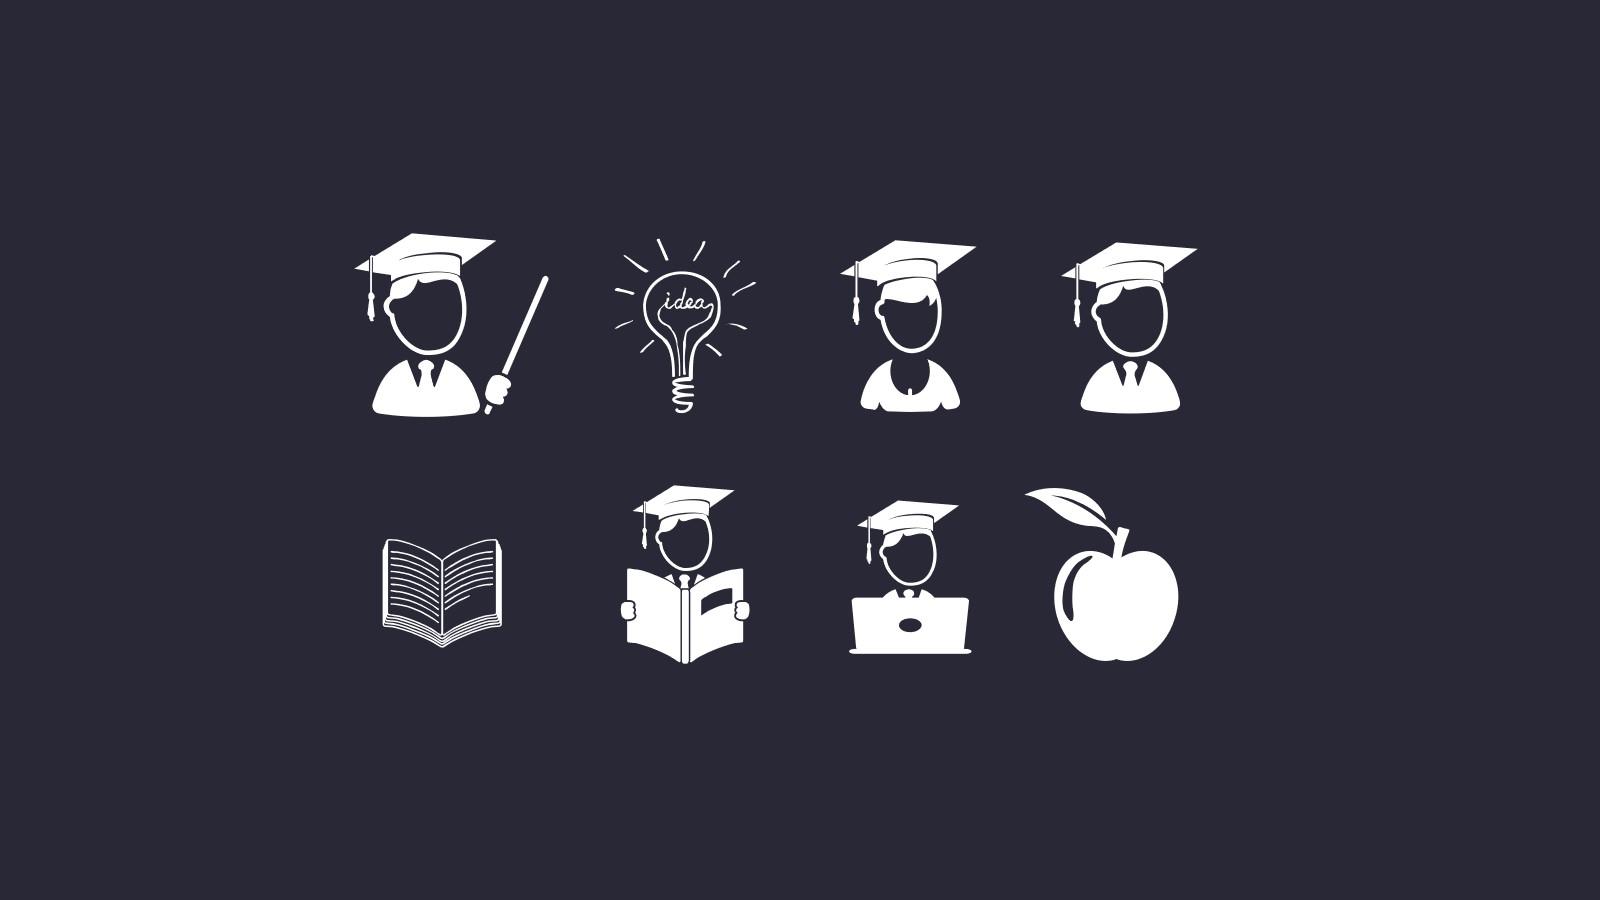 论文答辩相关教育教学系列单色ppt图标